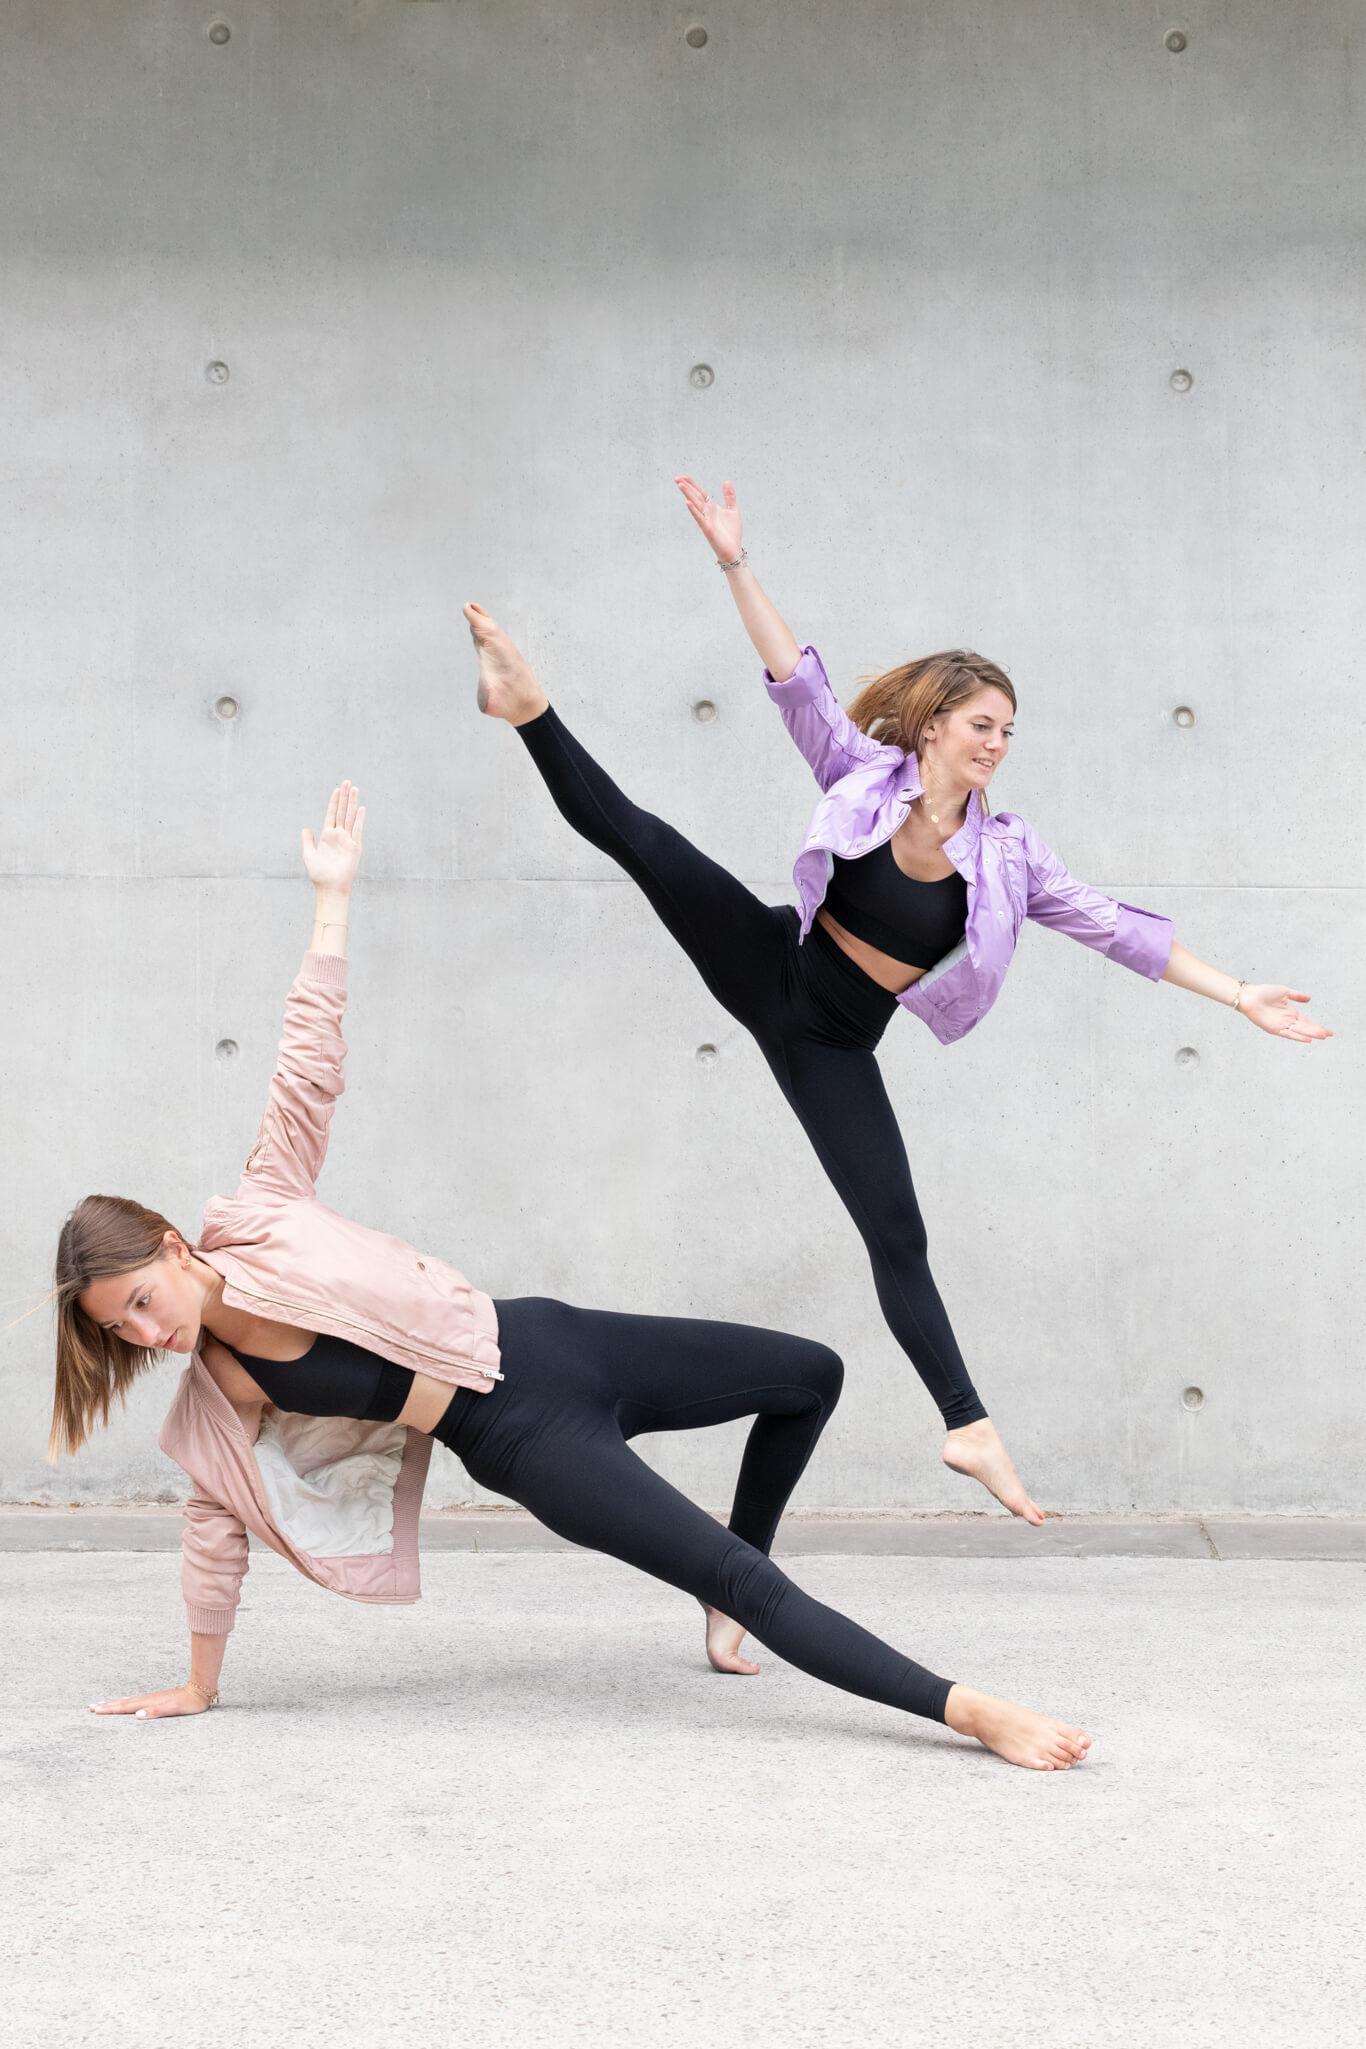 Séance photo amies danseuses contemporaines